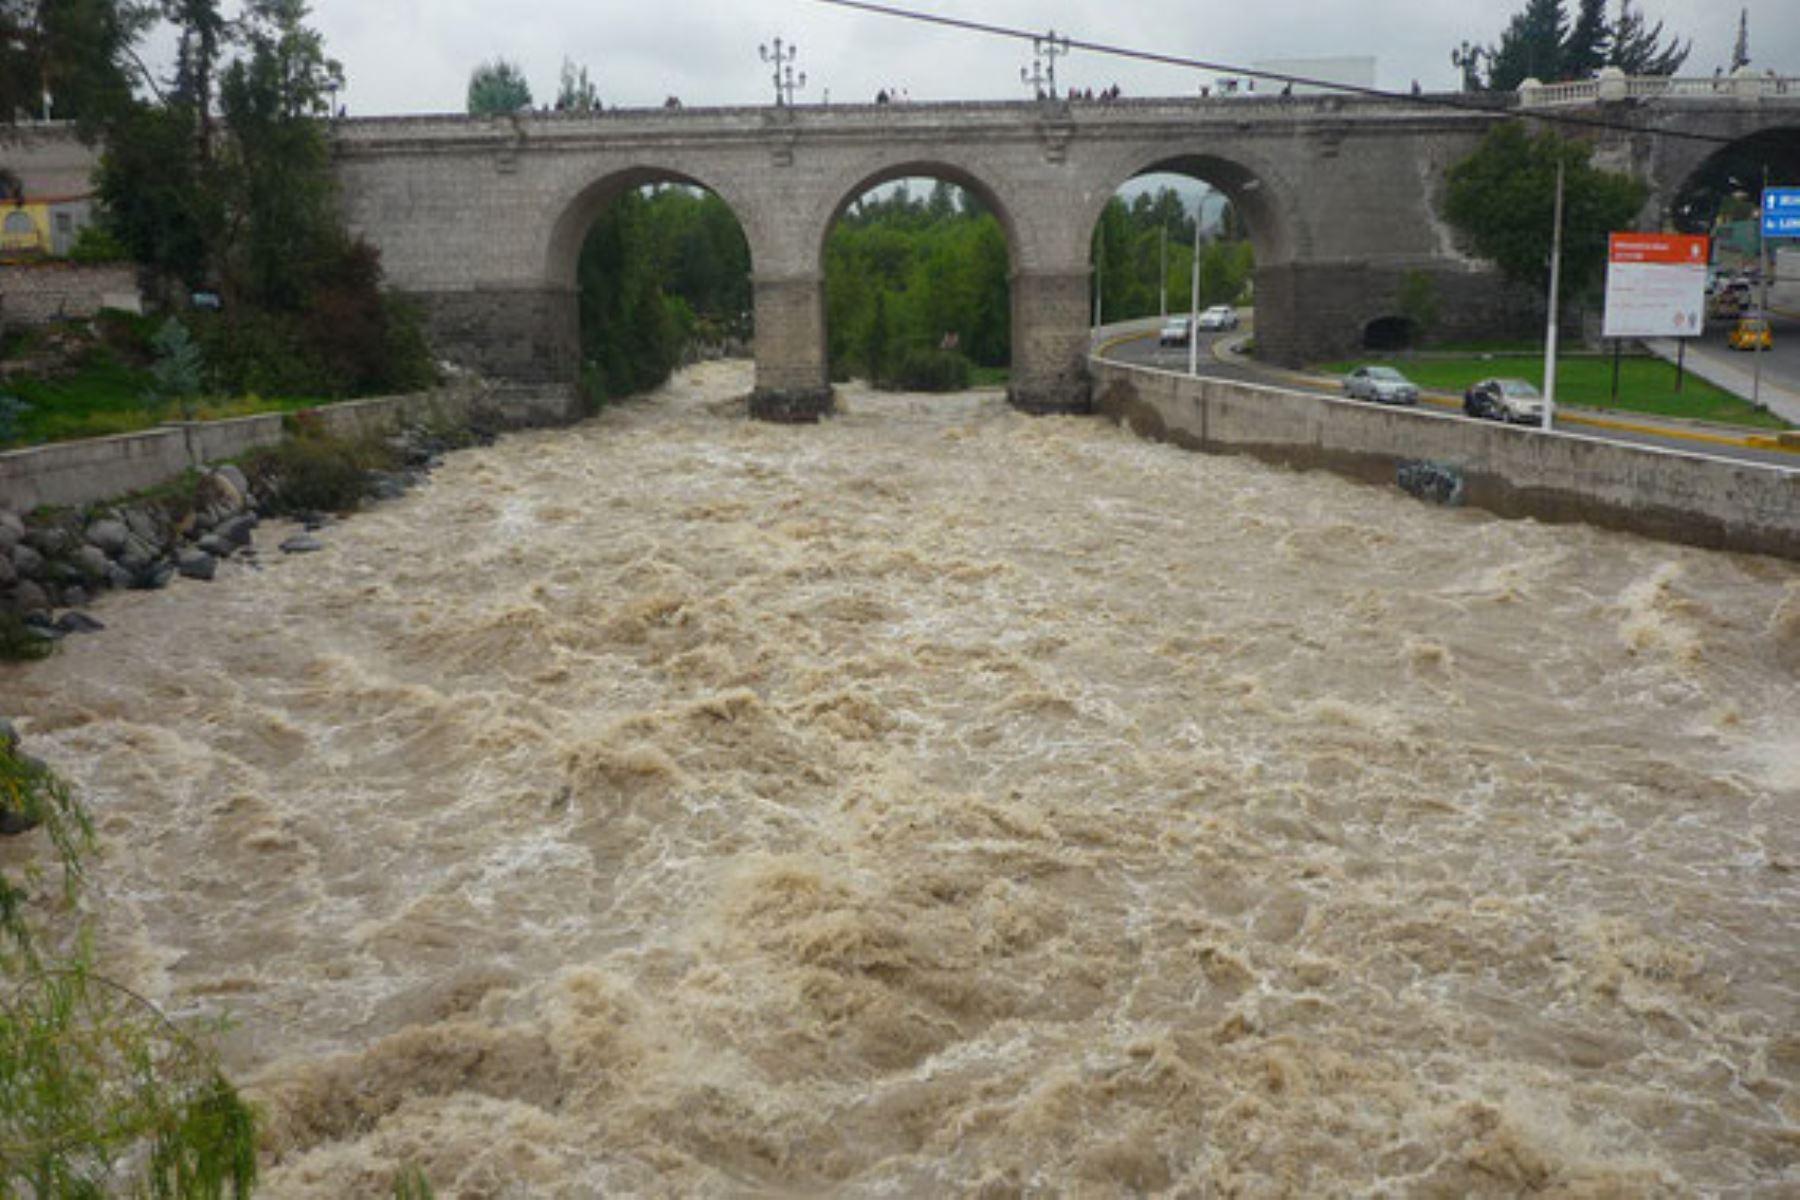 Arequipa: caudal del río Chili supera los 200 metros cúbicos y existe riesgo de desborde, advierte el Senamhi. INTERNET/Medios